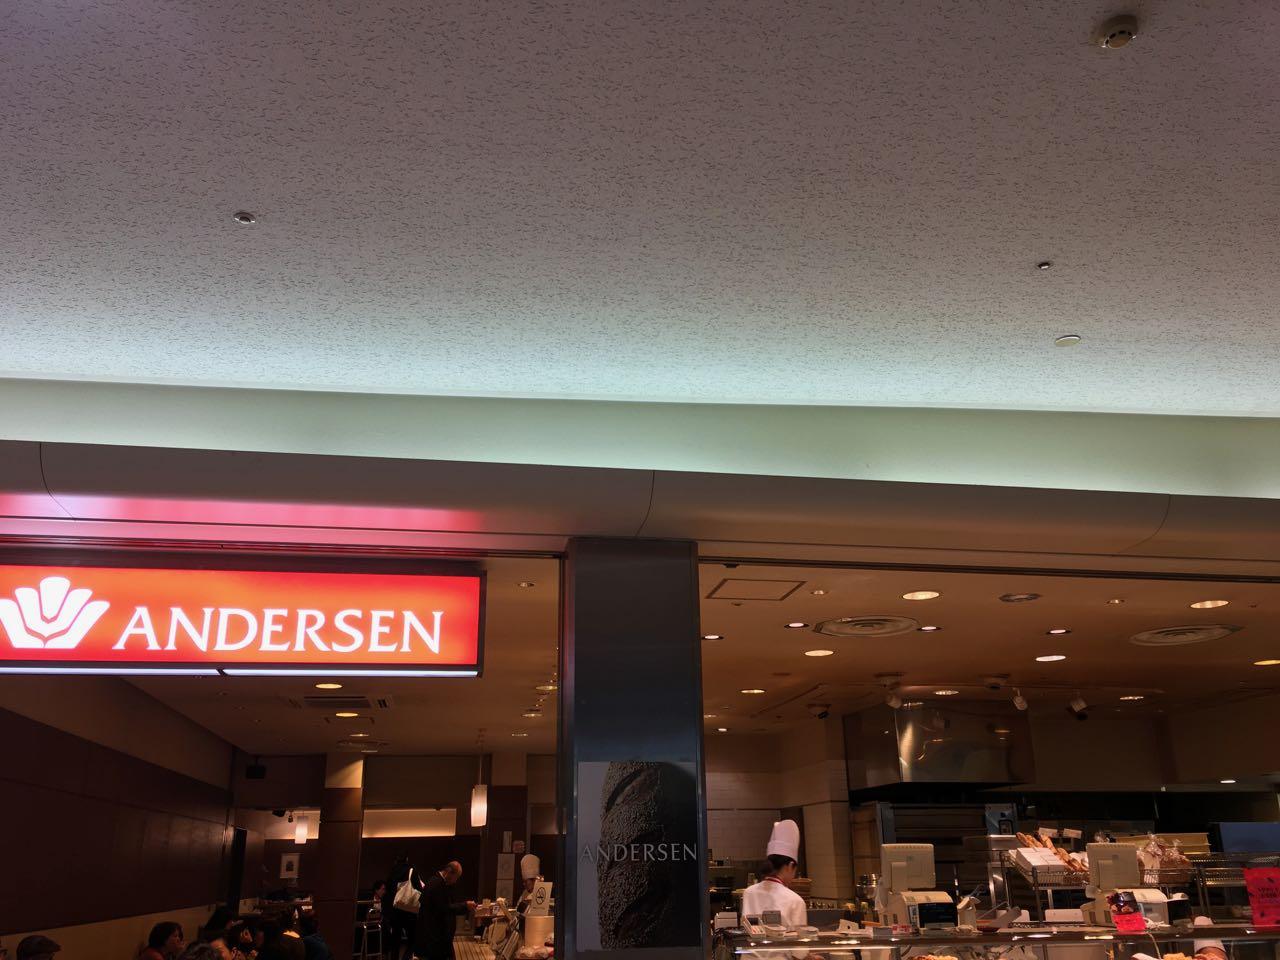 奥に広いよ!アンデルセン大阪空港店 (ANDERSEN)と展望デッキ工事中の話